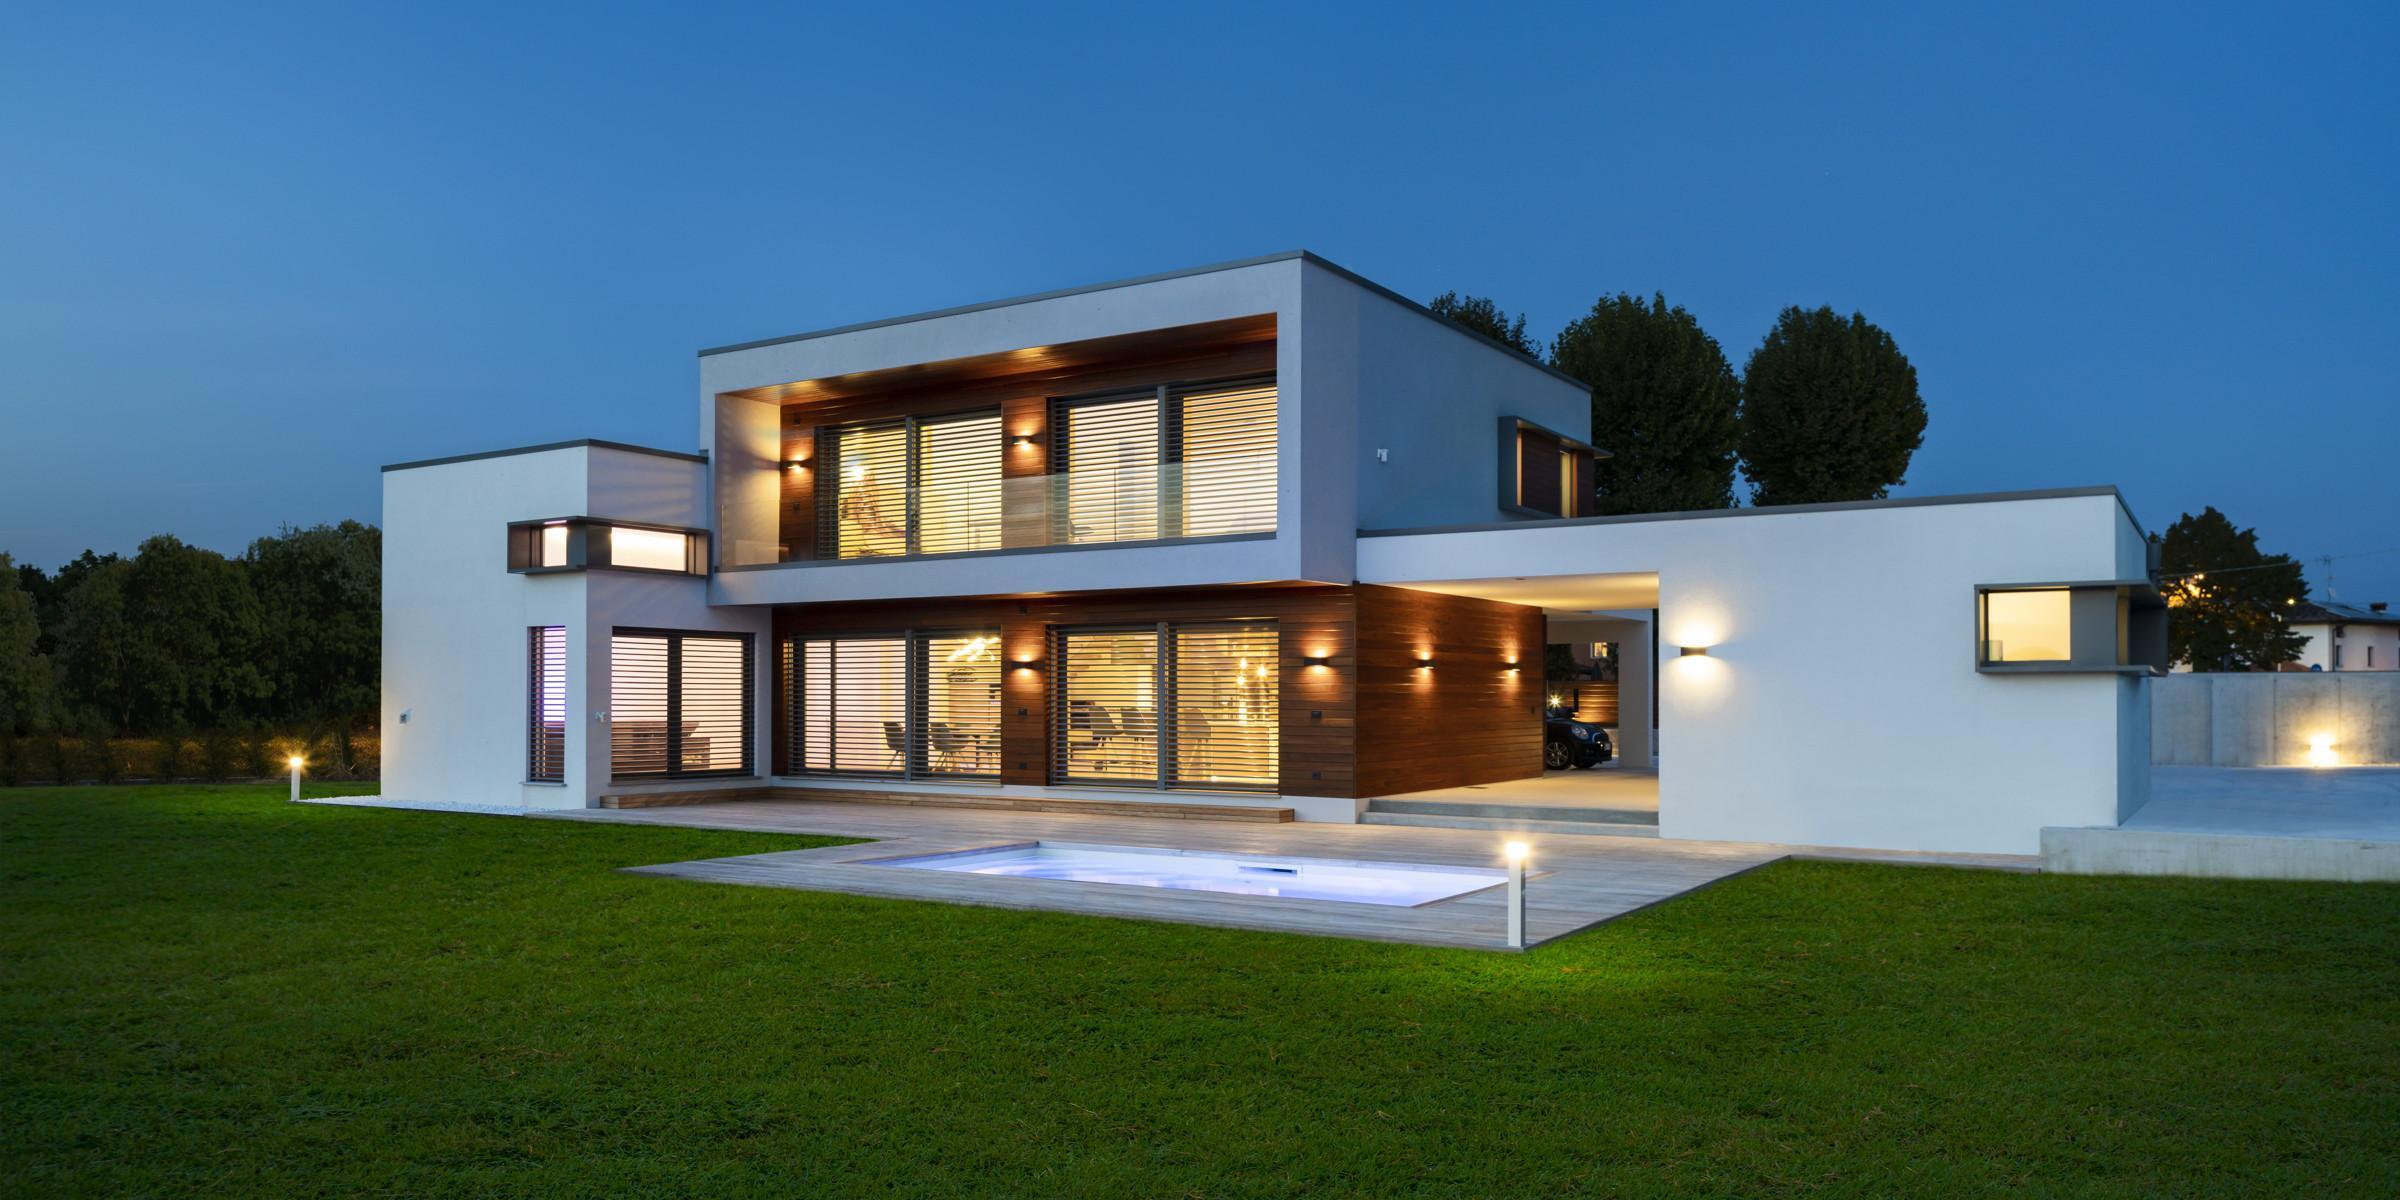 M a d menzo architettura design for Architettura design